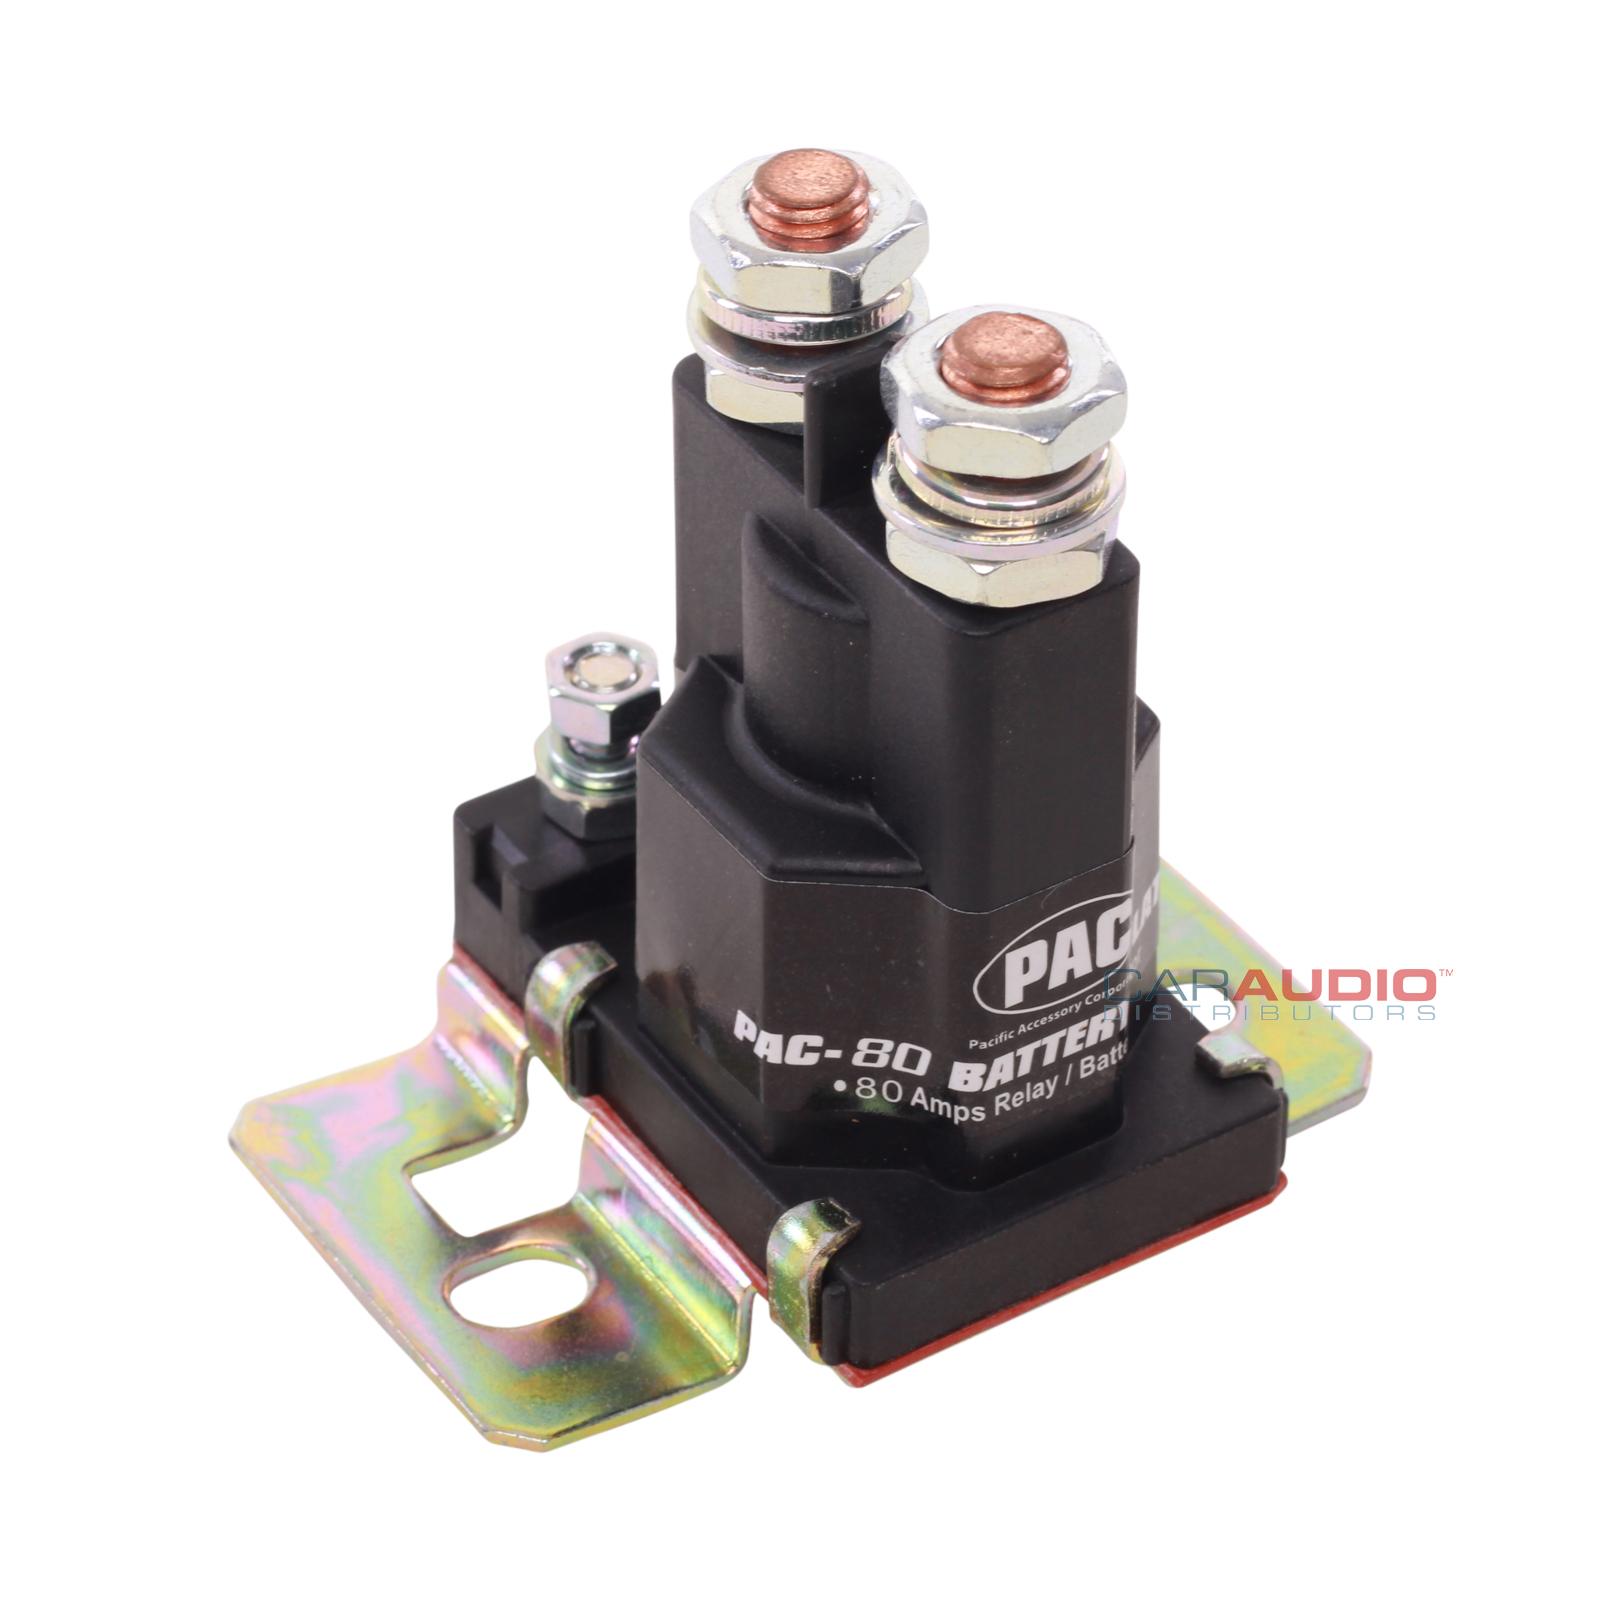 new pac pac-80 80 amp relay / battery isolator | ebay pac 80 isolator wiring diagram #7